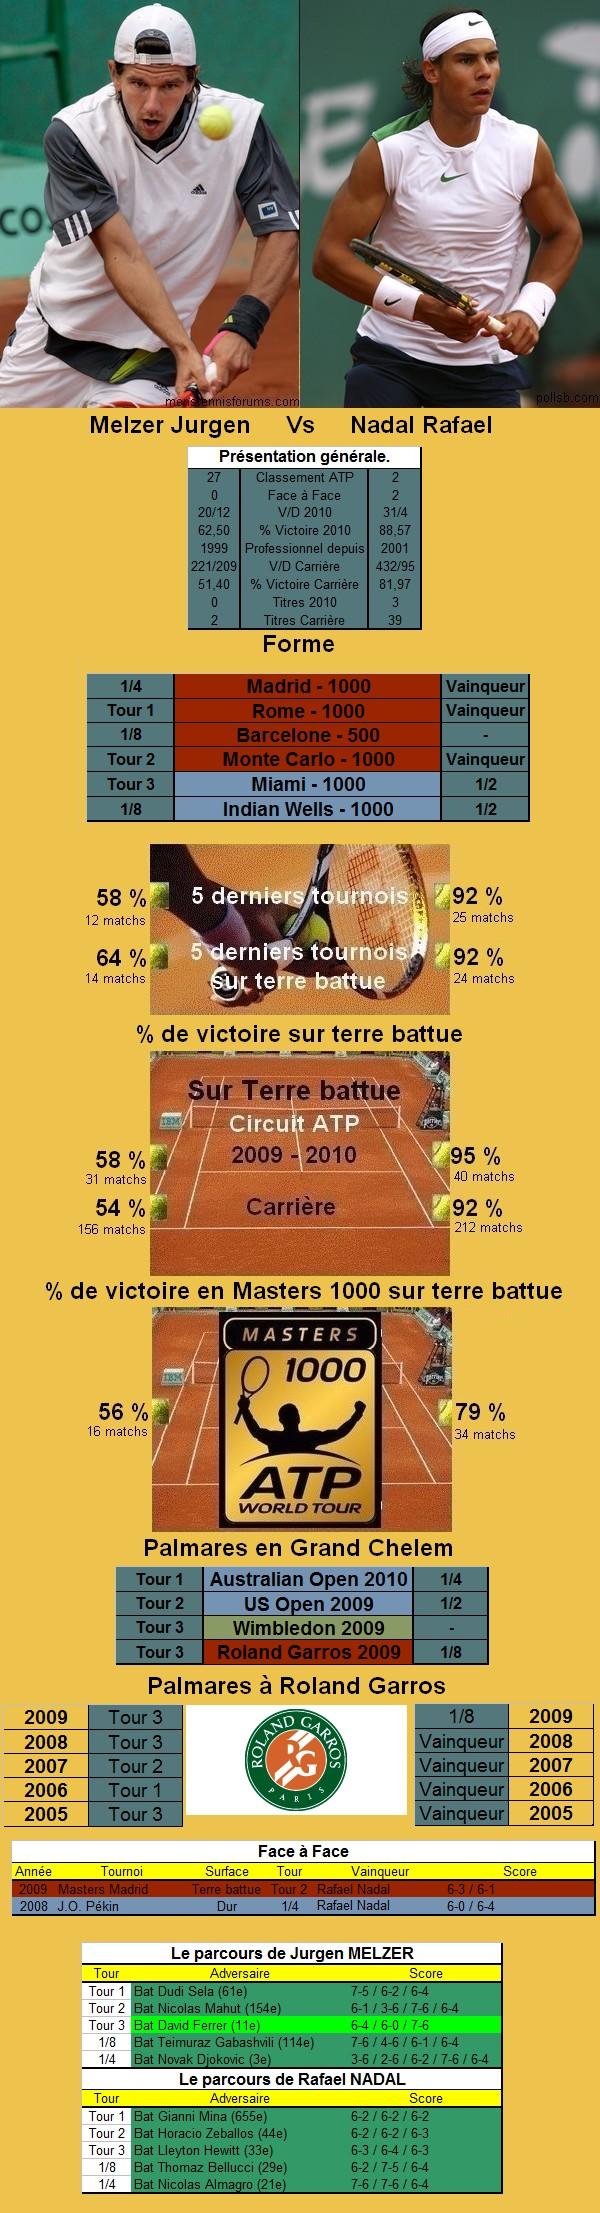 Statistiques tennis de Melzer contre Nadal à Roland Garros